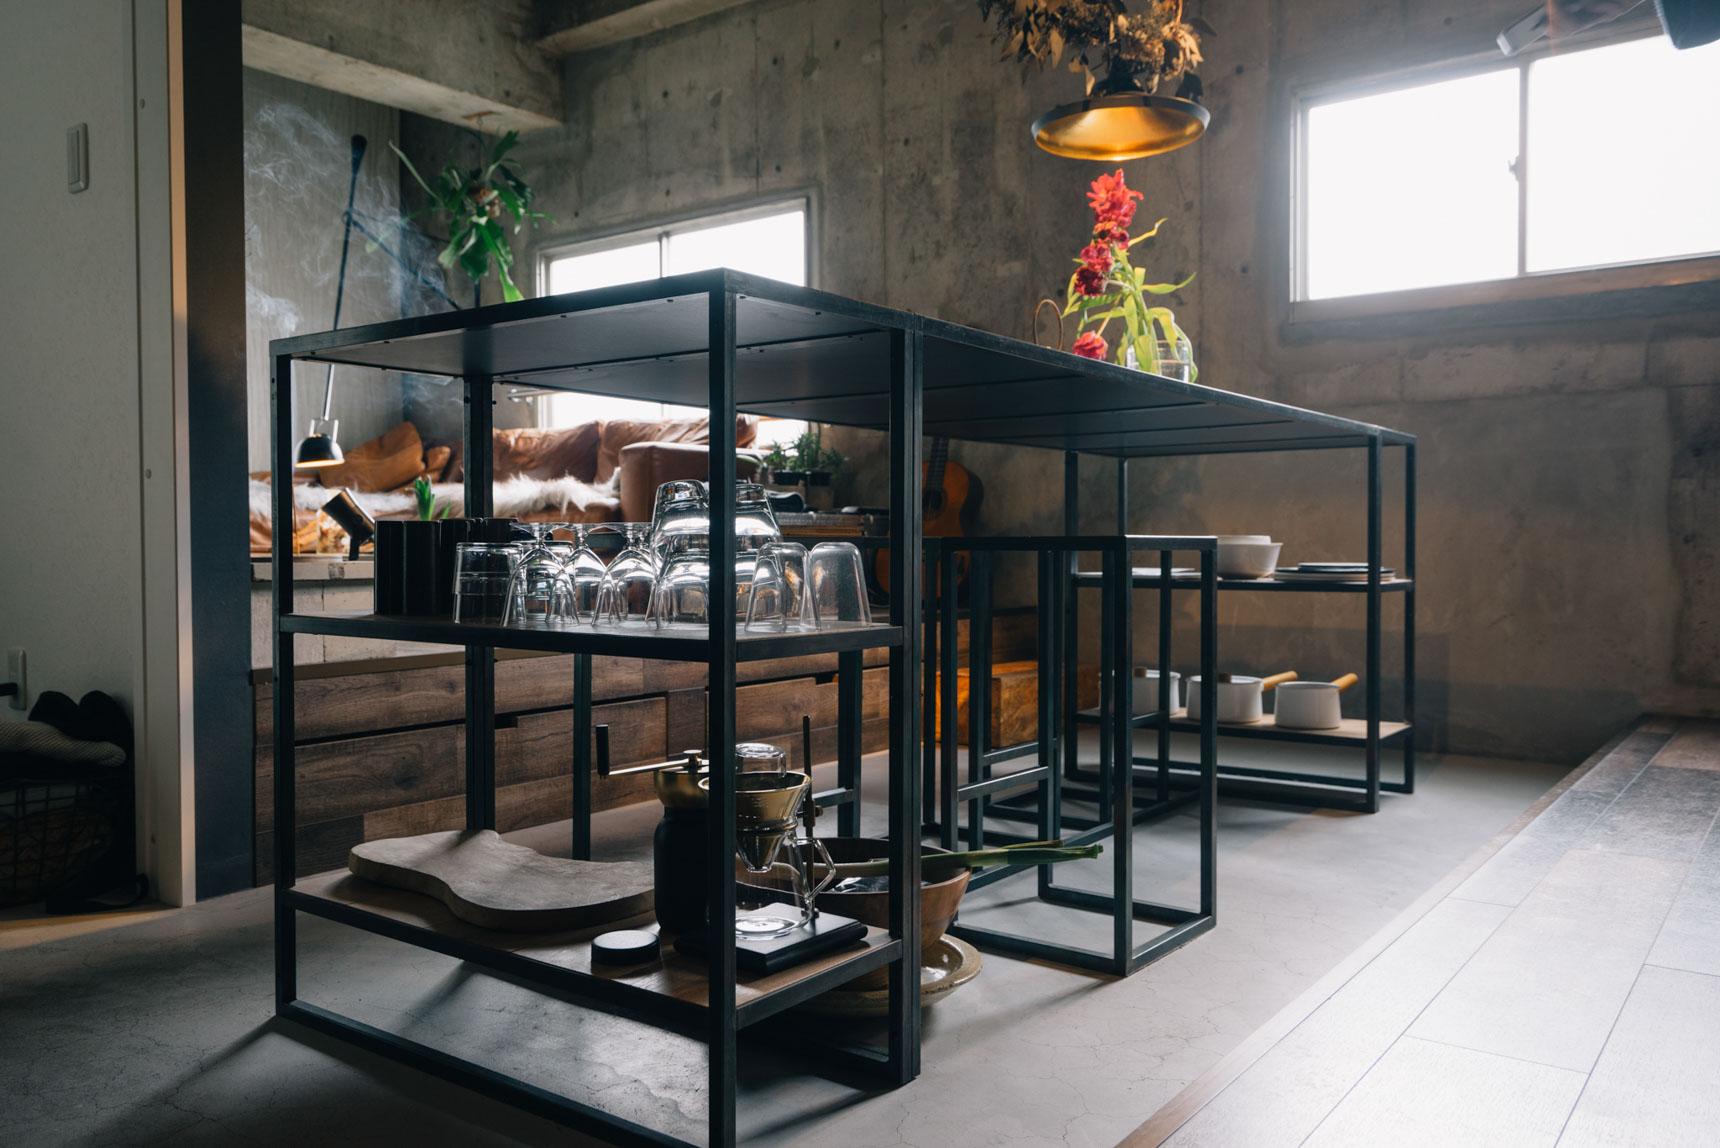 この印象的なダイニングテーブルも、自分でデザイン・設計して作ったもの。鉄工所にオーダーしたフレームに、天板、棚板にはフローリング材をはめ込みました。好きな食器も魅せながら収納できるようにしてあります。